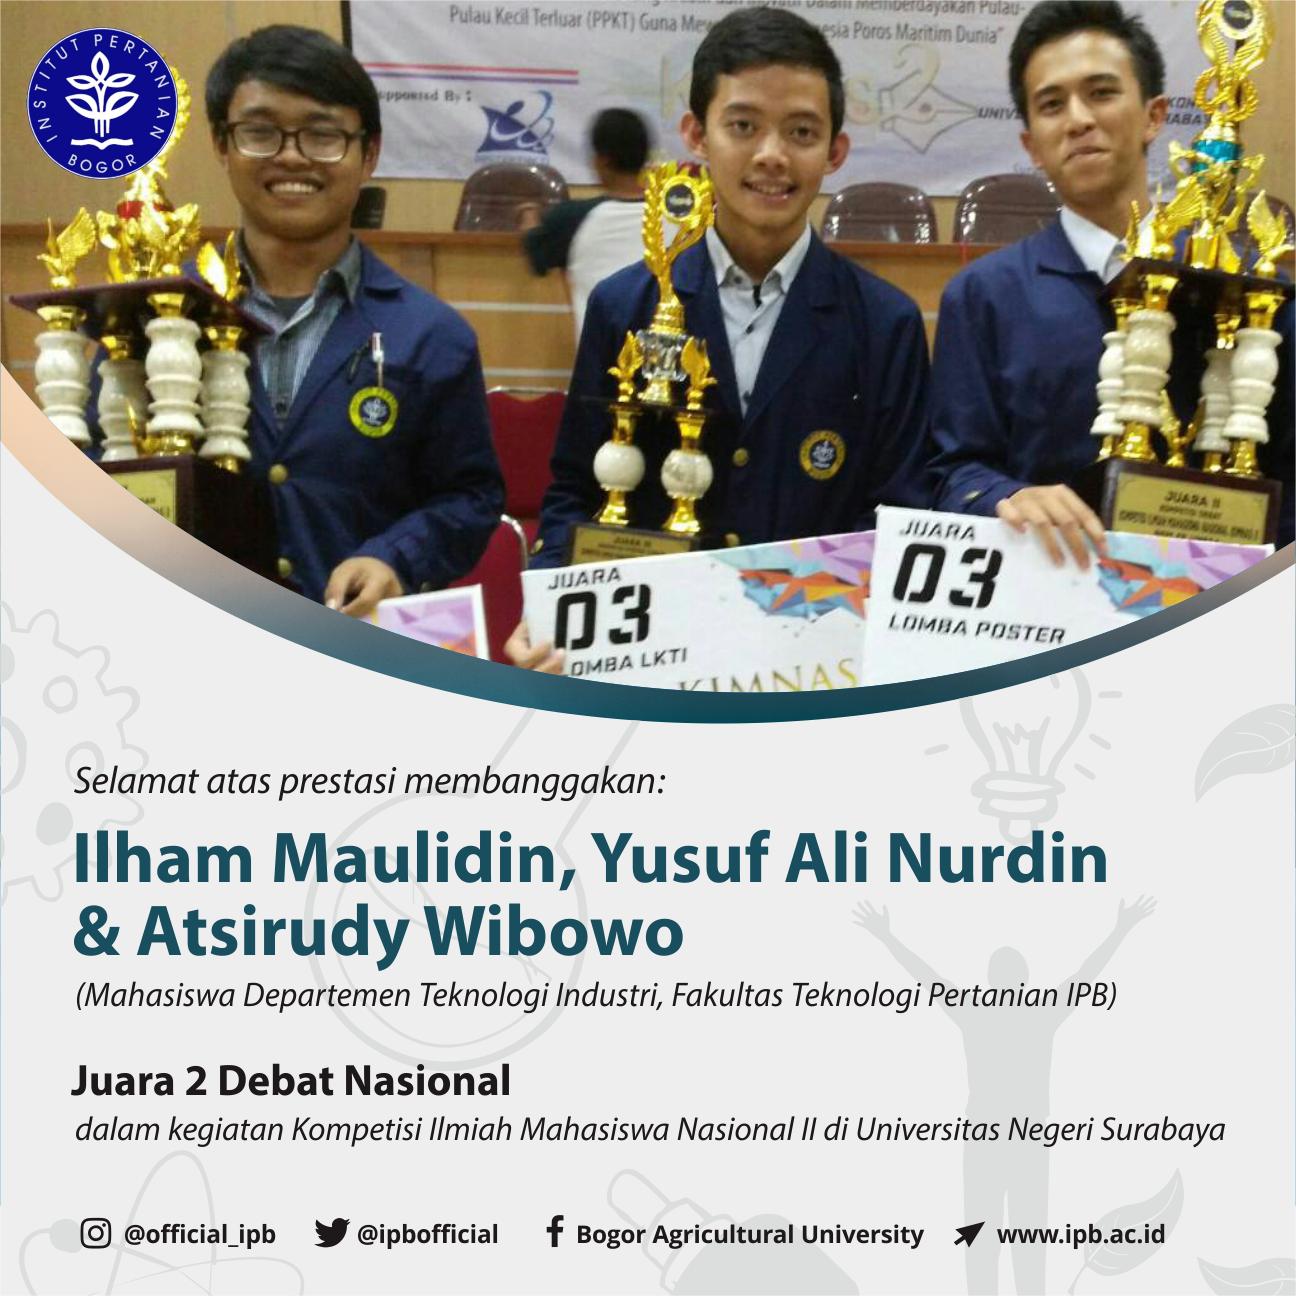 Mahasiswa Teknologi Industri IPB Juara 2 Debat Nasional pada Kompetisi Ilmiah Mahasiswa Nasional II di Universitas Negeri Surabaya